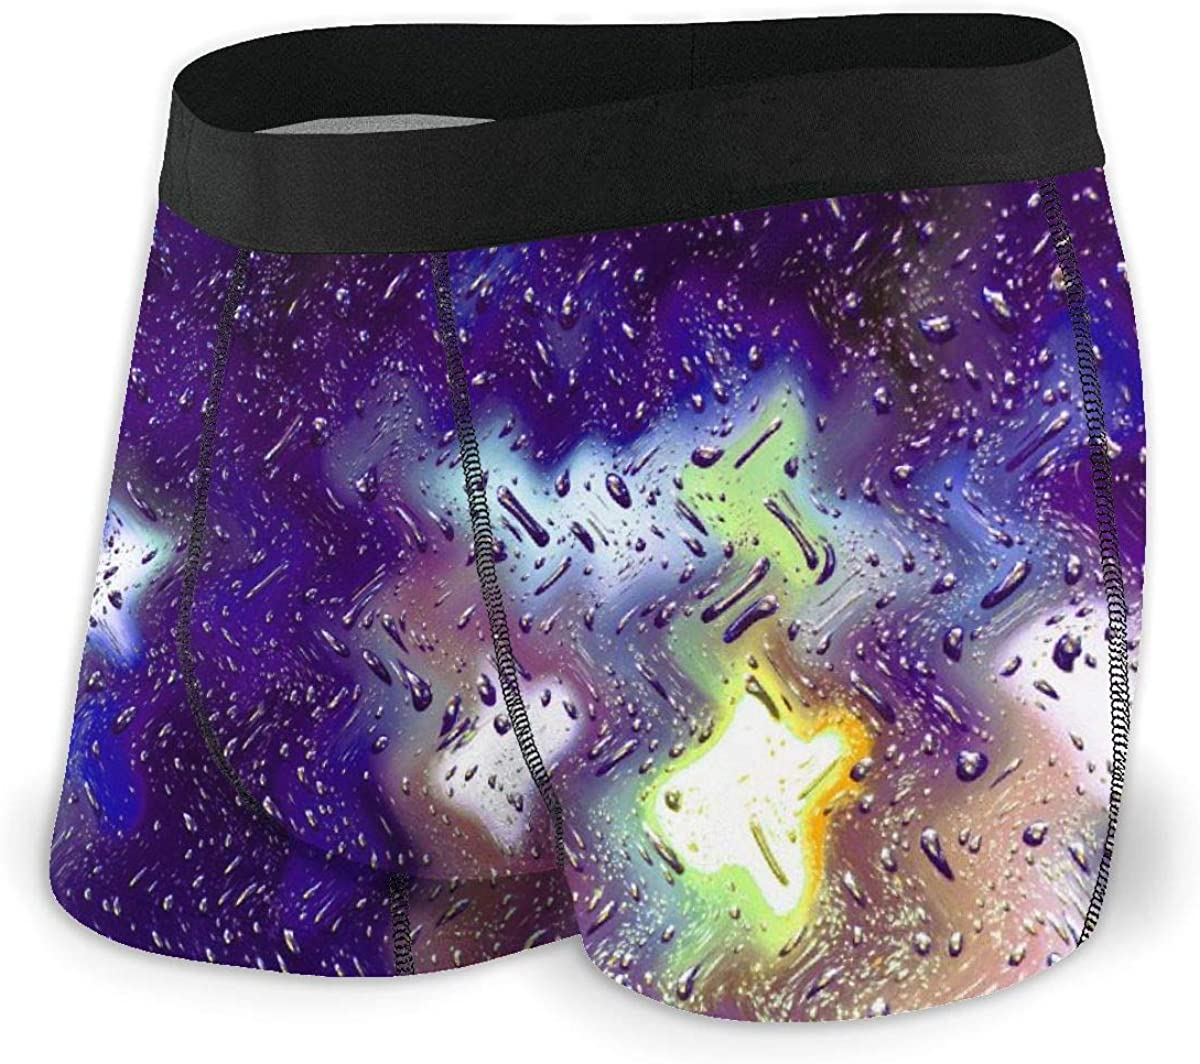 Mens Boxer Briefs Marvellous Colorful Wave Breathable Underwear